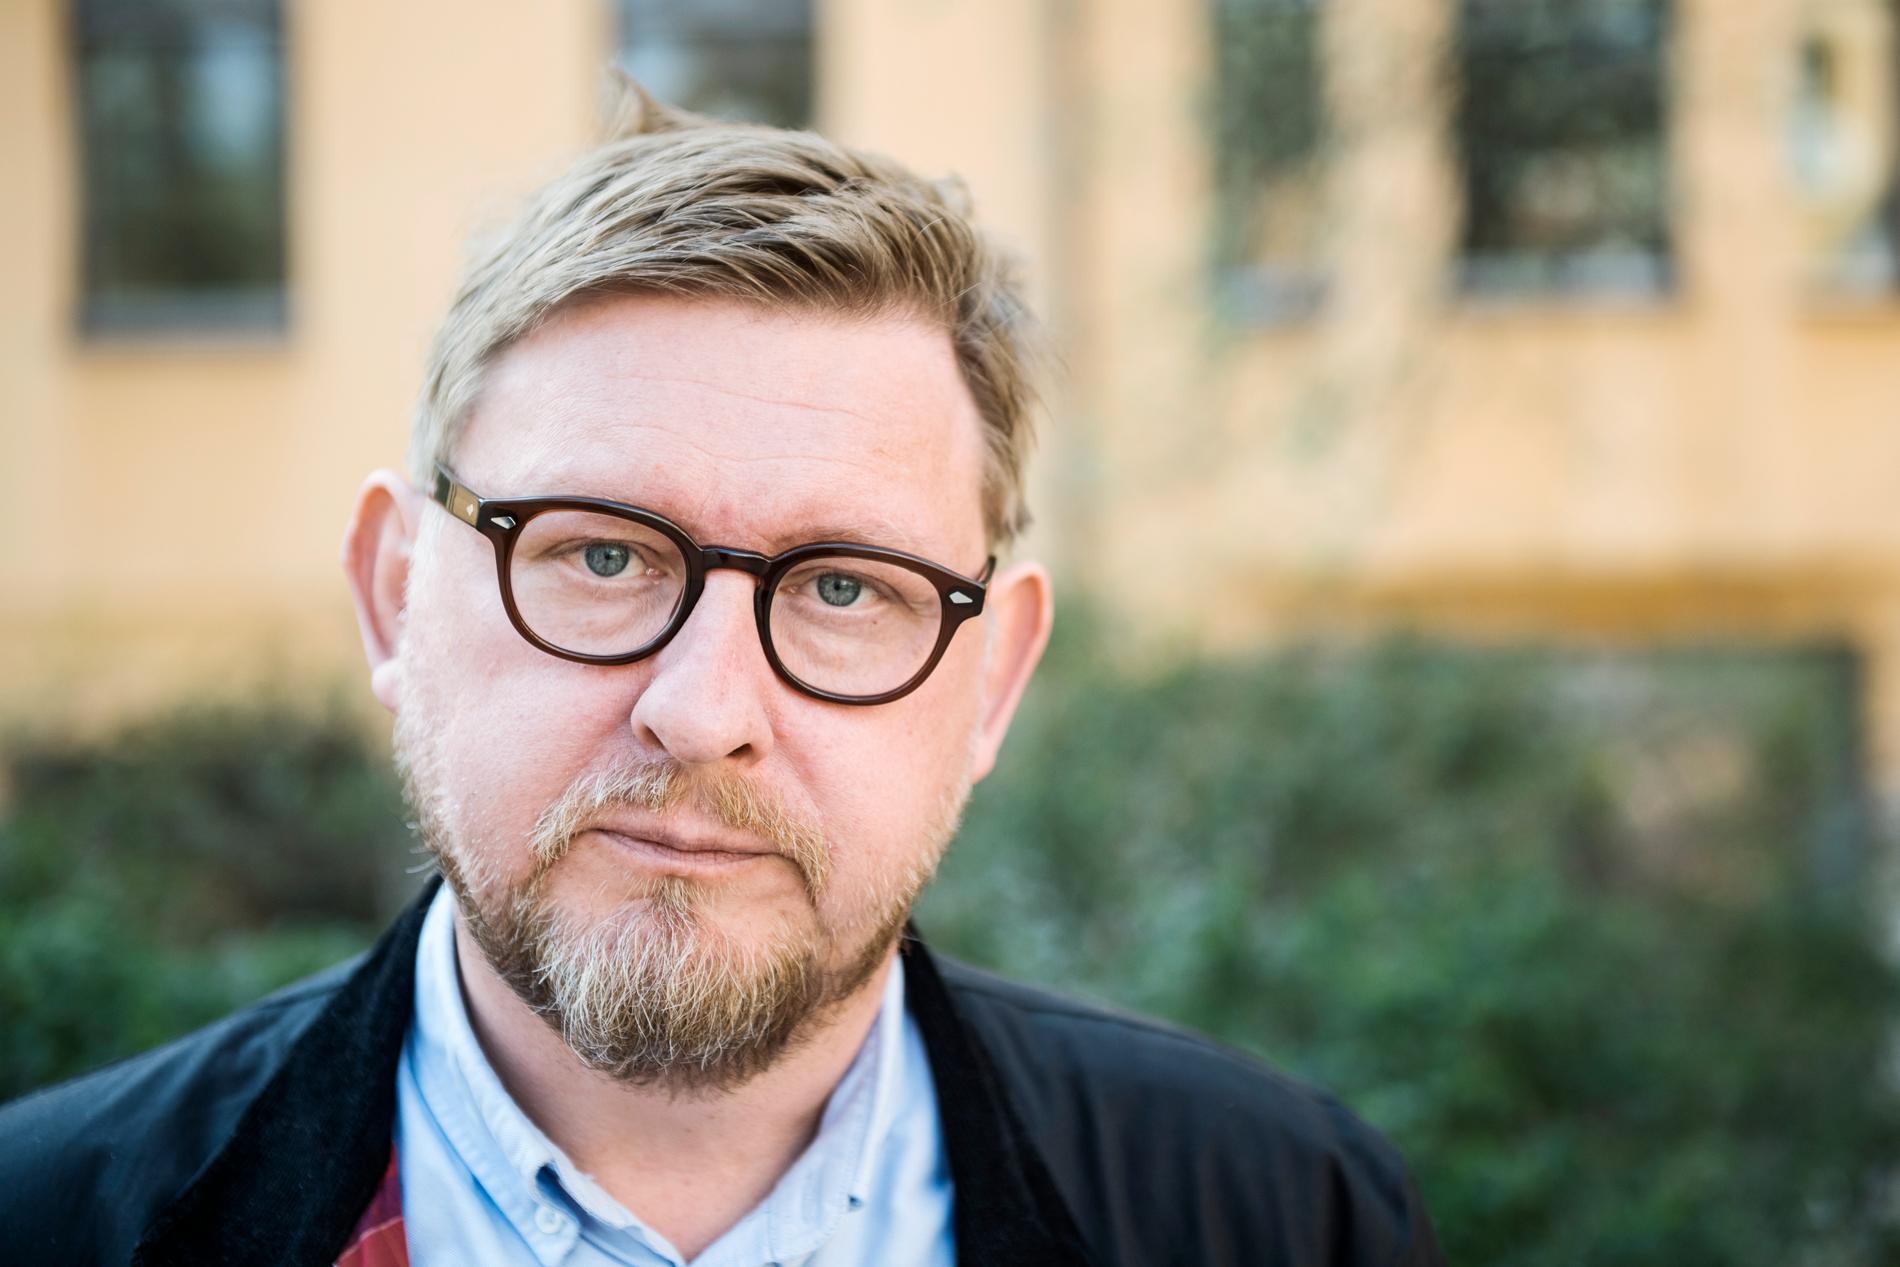 Fredrik Virtanens nya bok kritiserar drevet och anklagelserna om våldtäkt som fick honom att sluta på Aftonbladet.